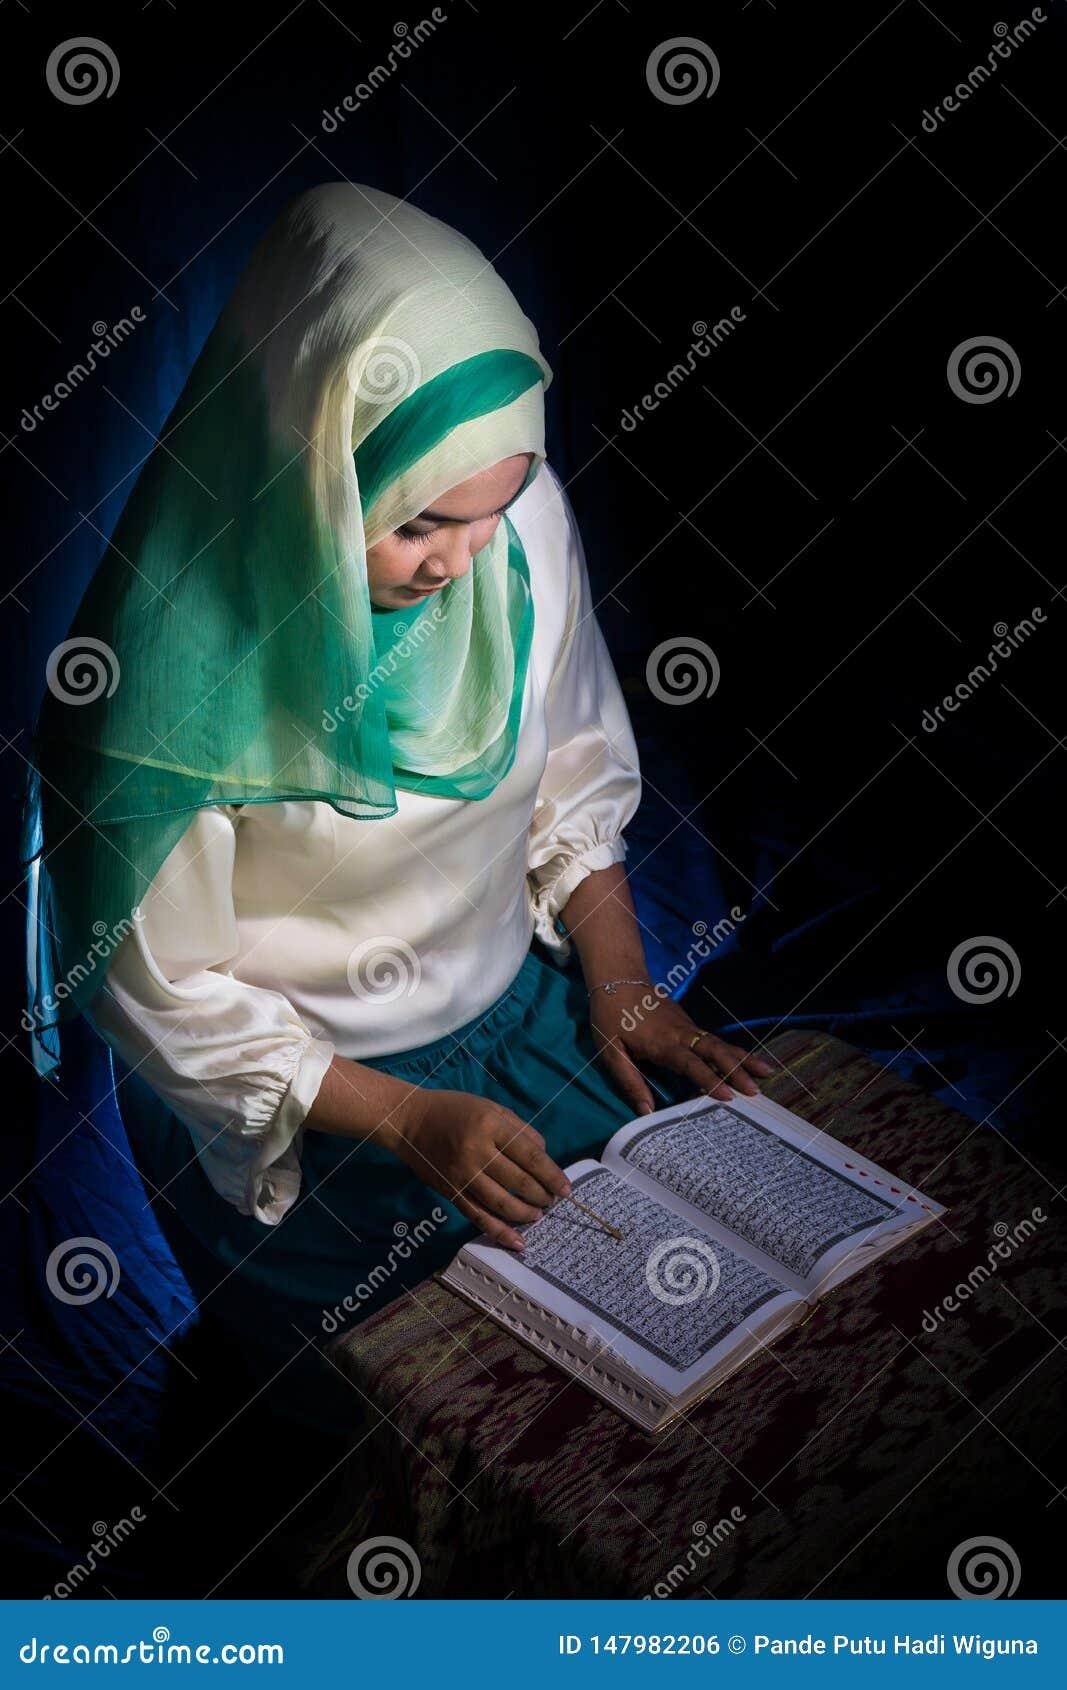 FLORES, INDONESIA 25 DE JUNIO DE 2014: Un adolescente alrededor 15-20 años que llevan un hijab está leyendo el quran en una tabla